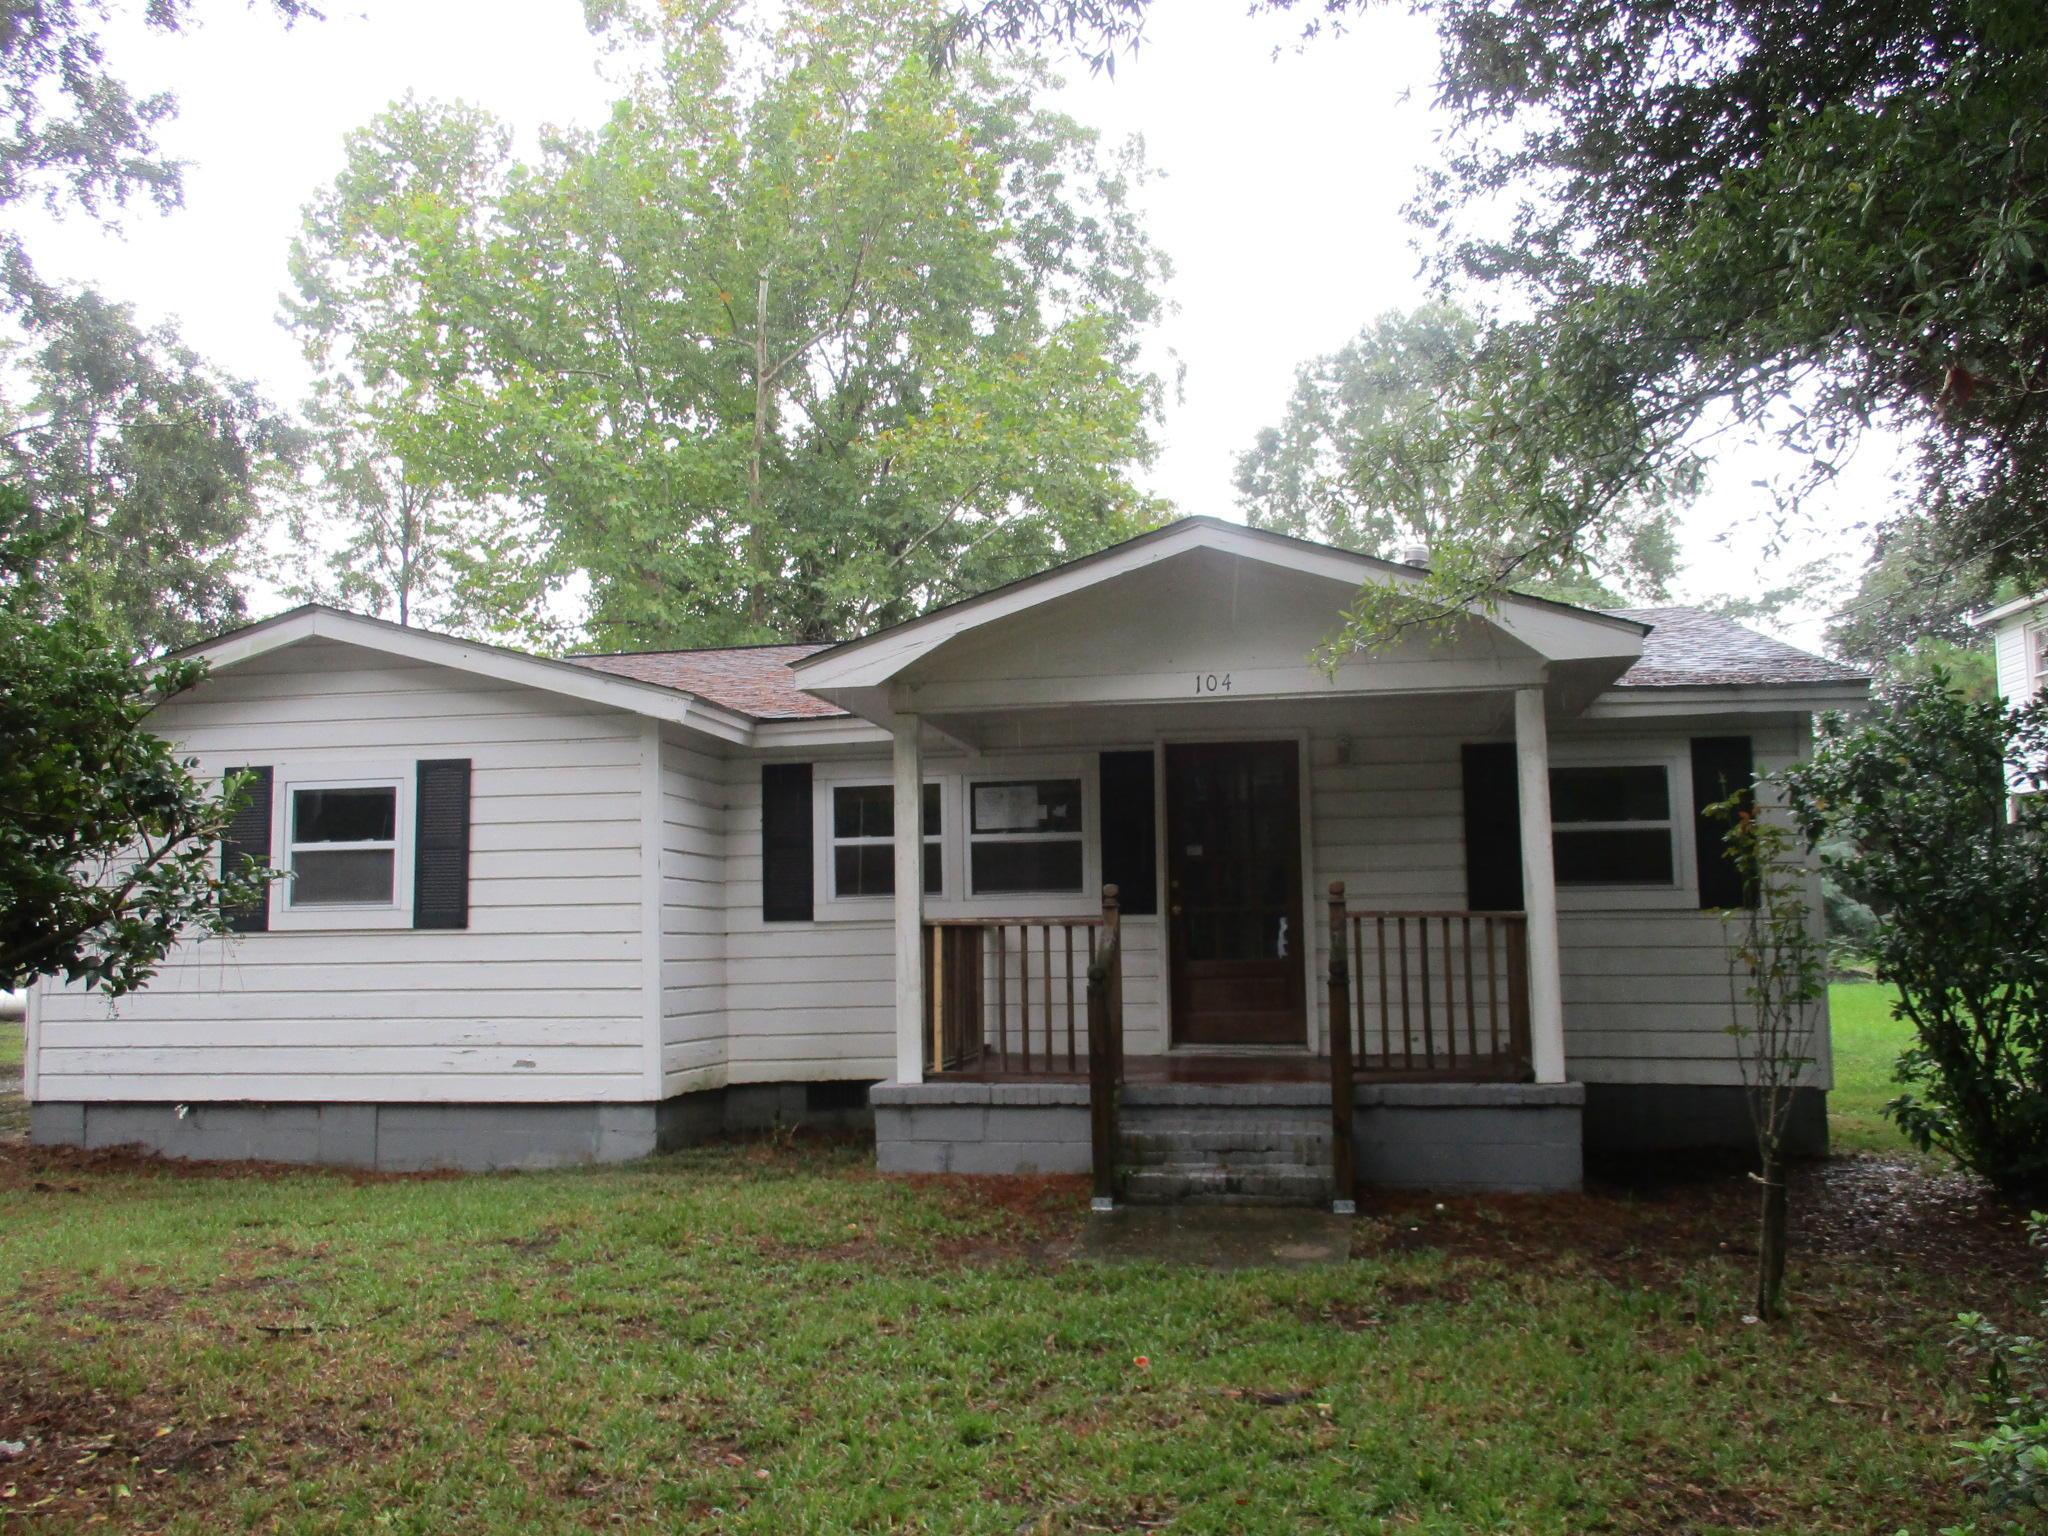 104 County Rd S-18-580 Summerville, SC 29483